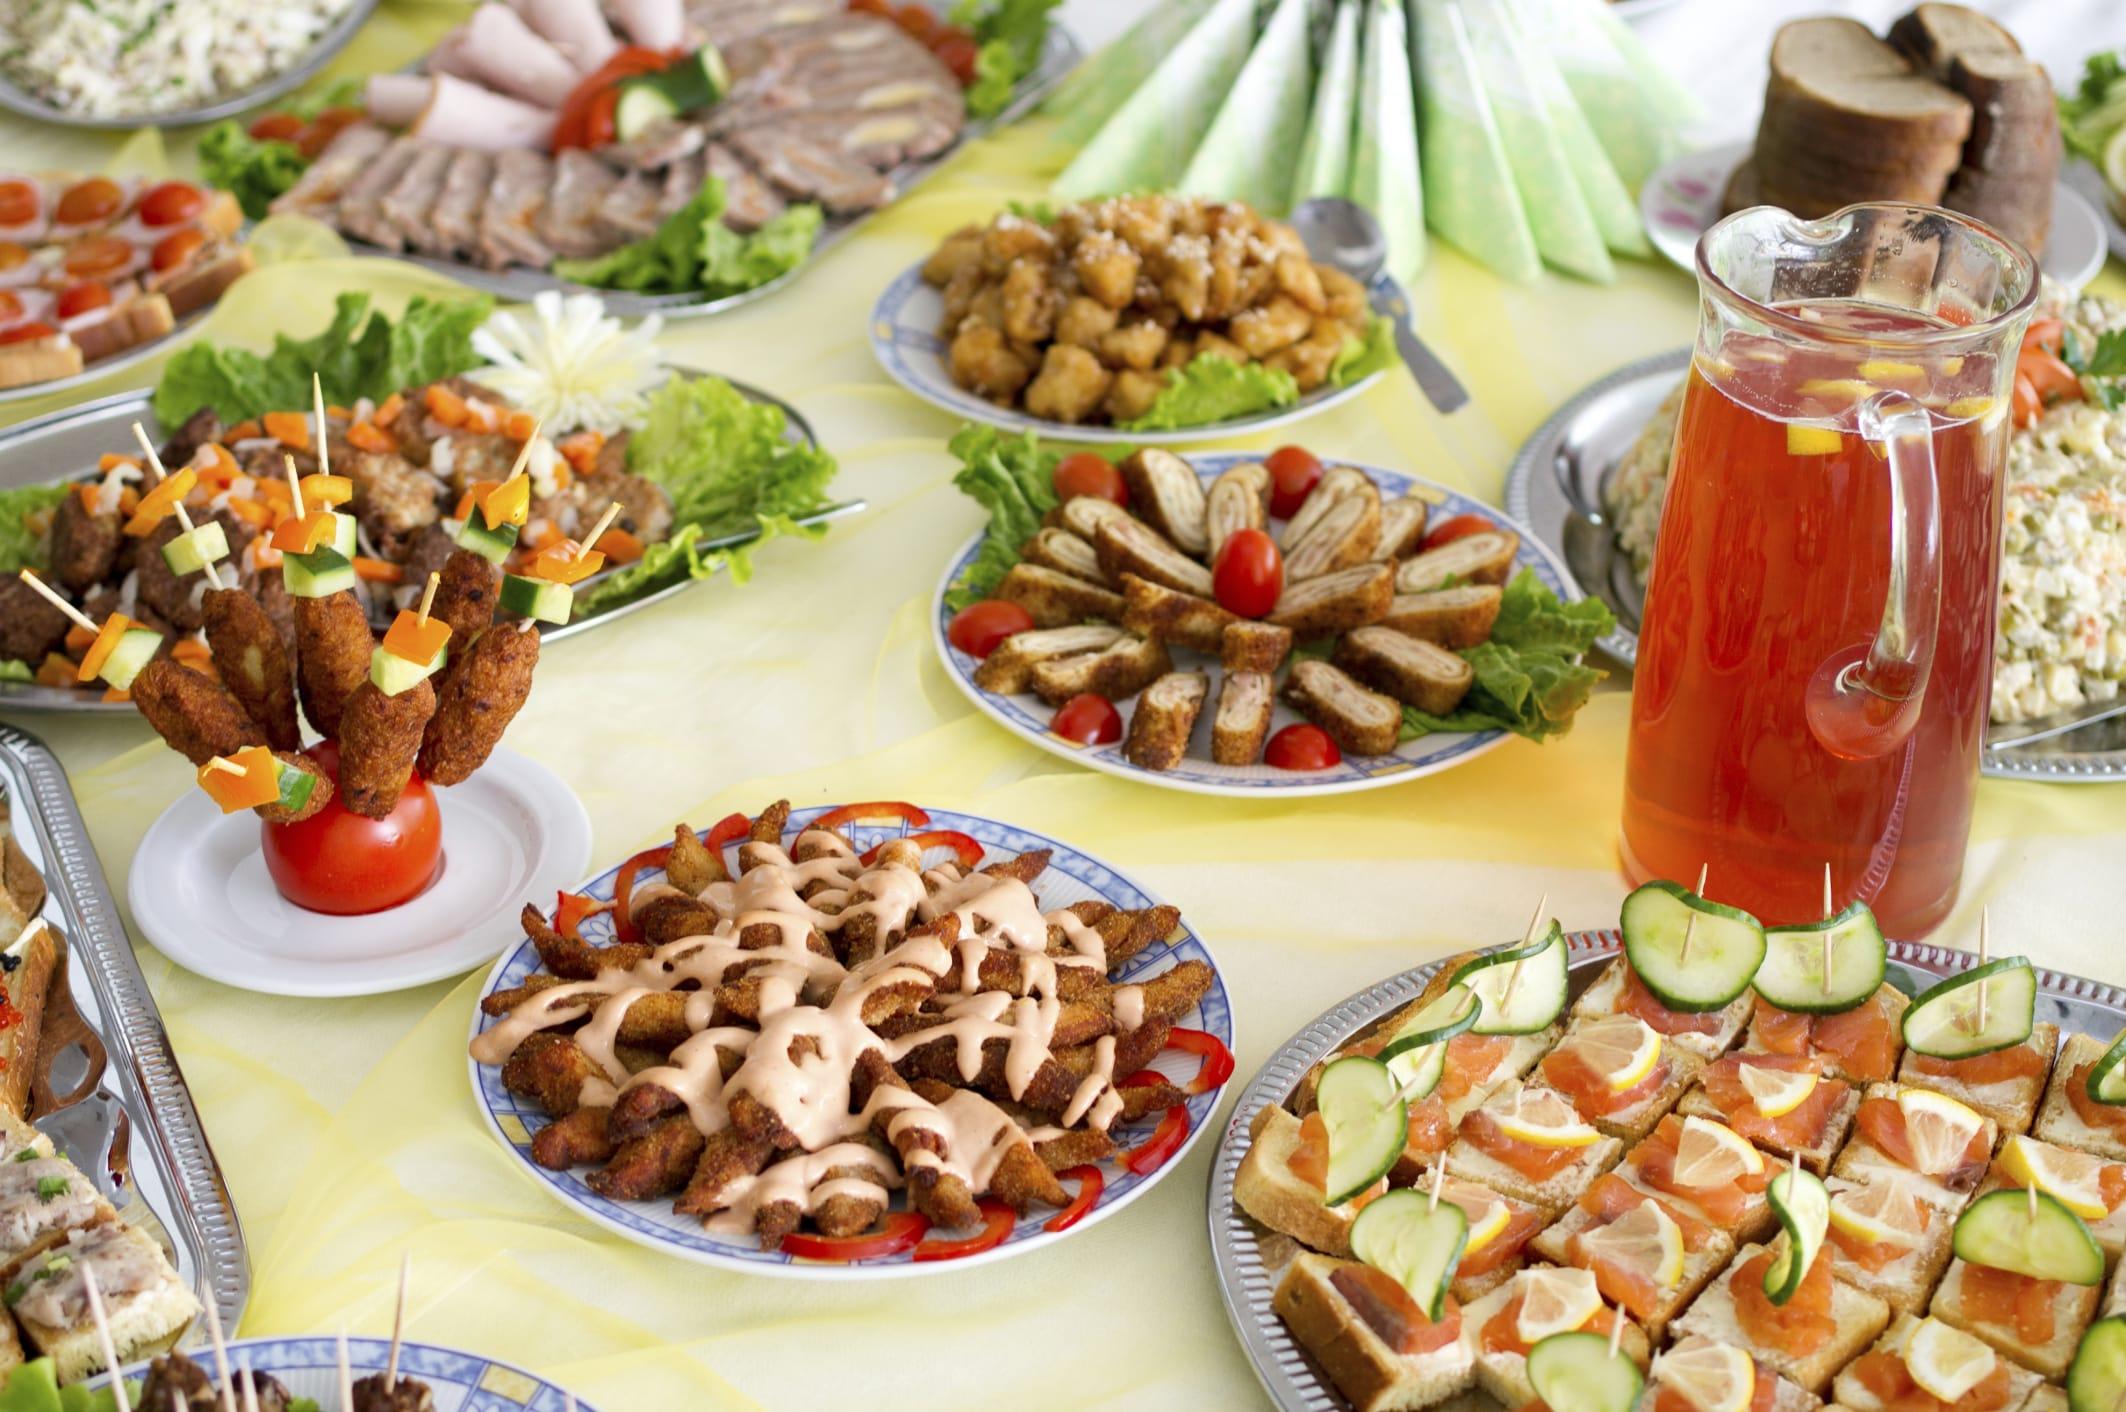 Come organizzare un aperitivo in casa non sprecare - Apericena cosa cucinare ...